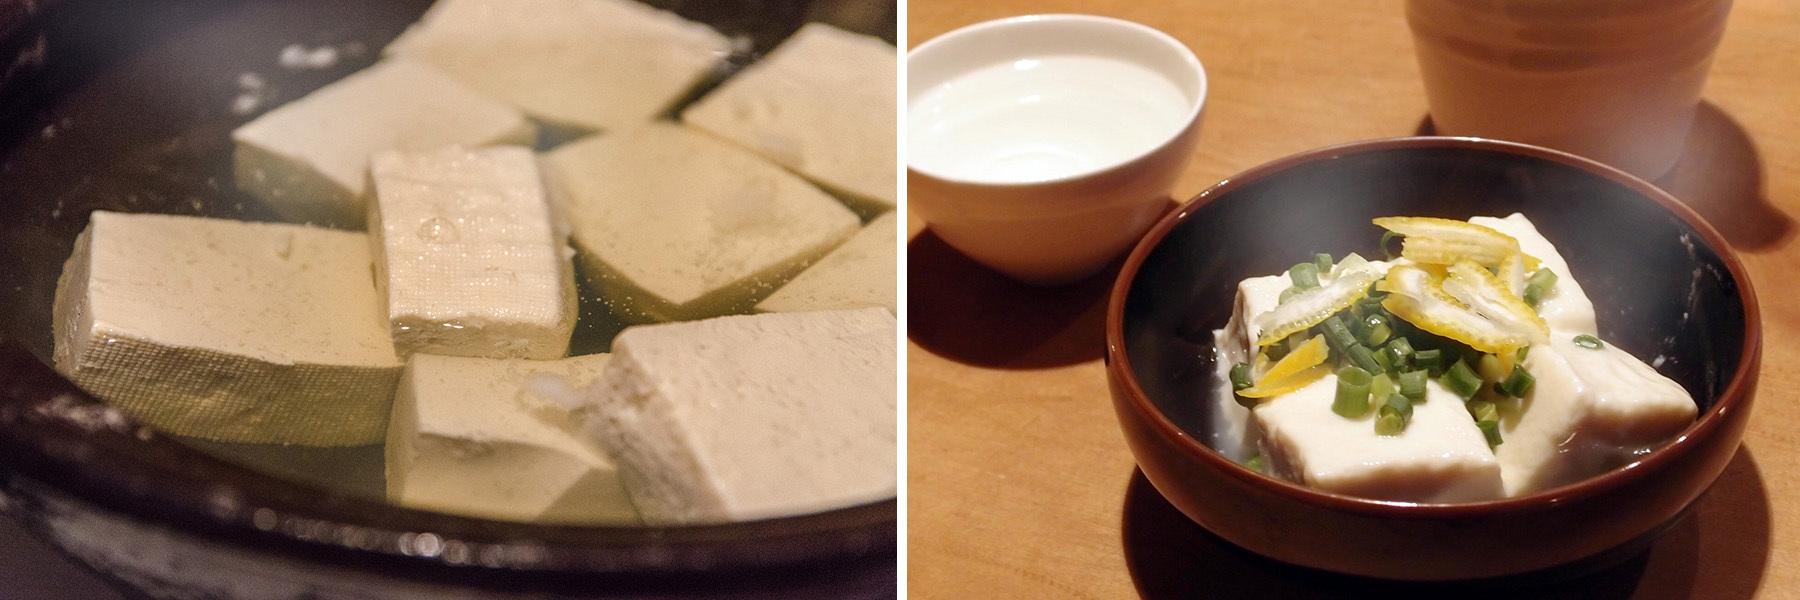 だいずな(大事な)日本の食材。 <第367巻>_b0340837_16363495.jpg